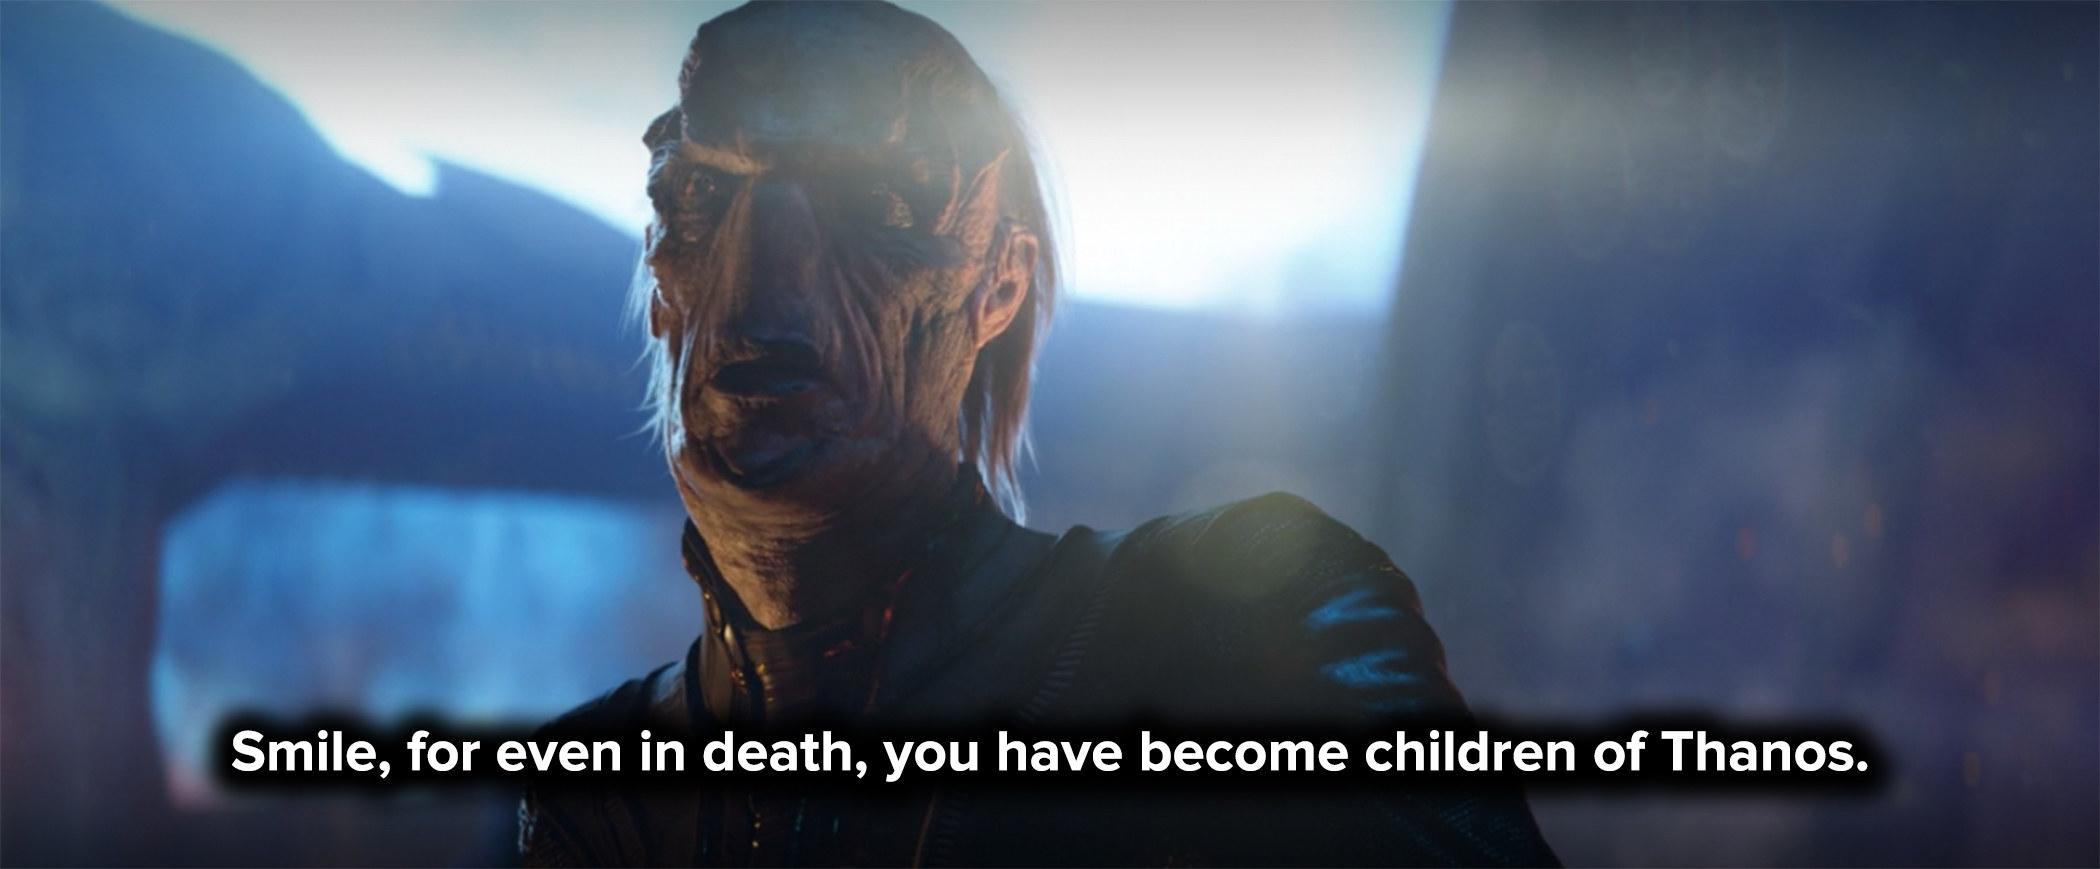 Thanos's children massacred the Asgardians